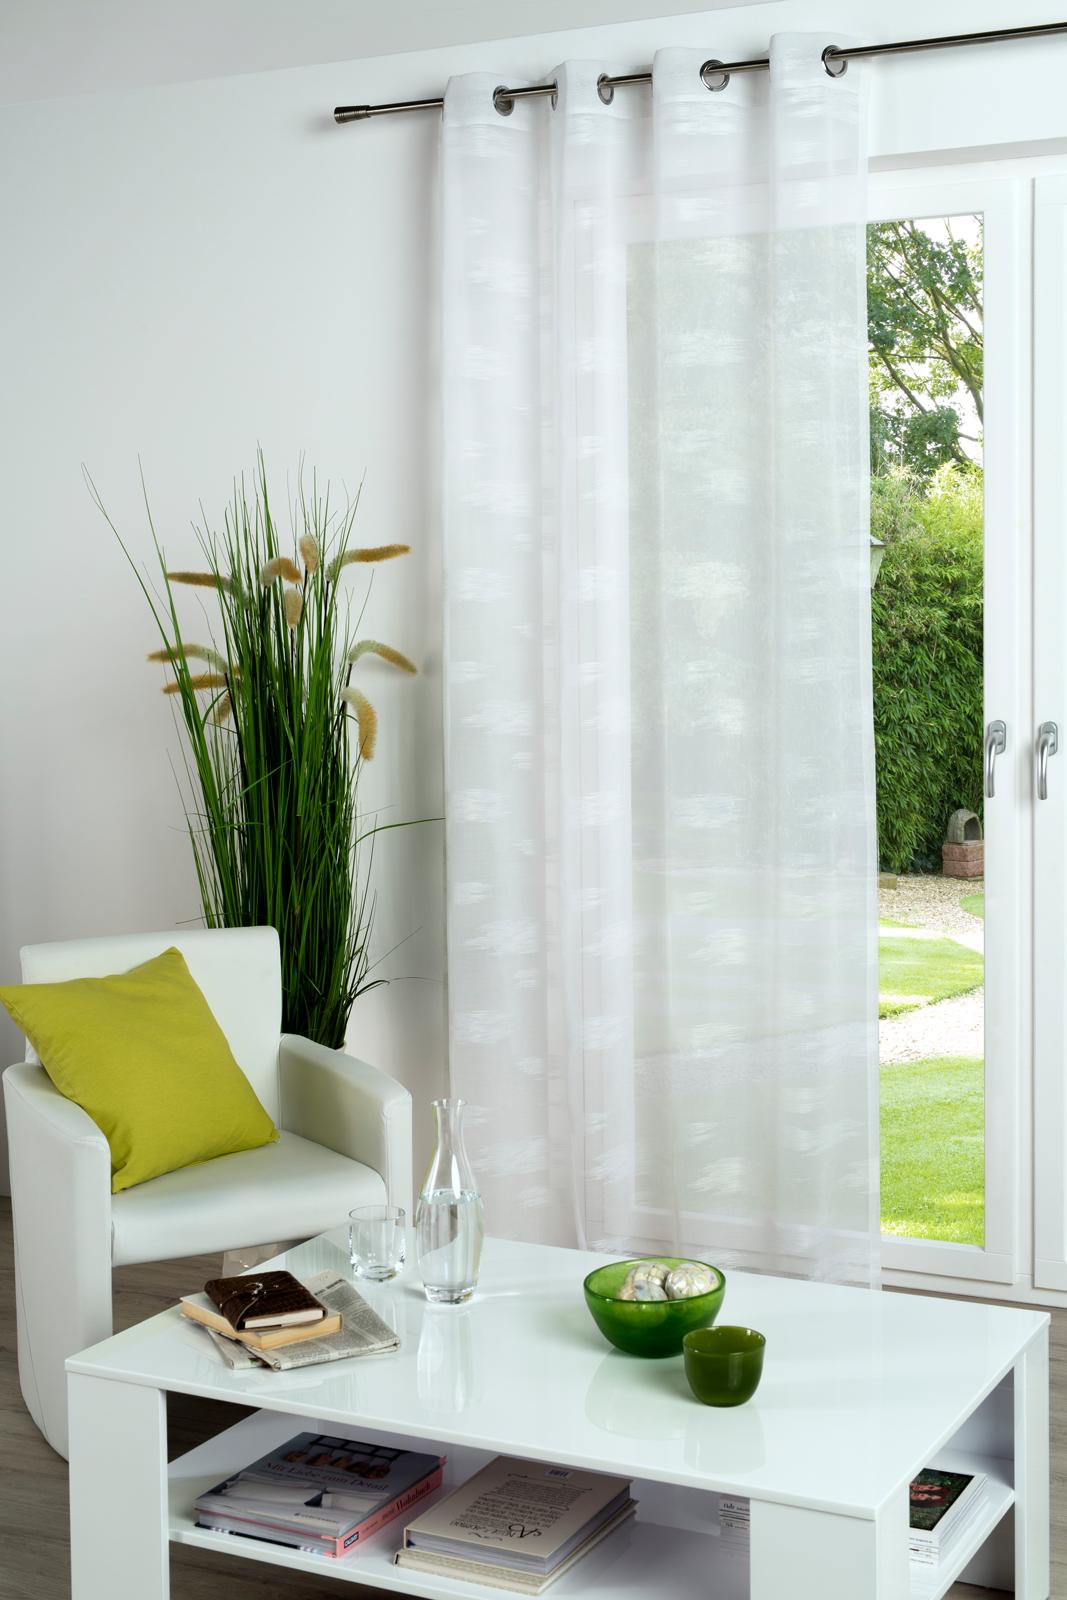 Gardinen und Vorhänge - Ösenschal Vorhang Gardine lichtdurchlässig 135x245 mit Metallösen Maren weiß 300301 1  - Onlineshop PremiumShop321